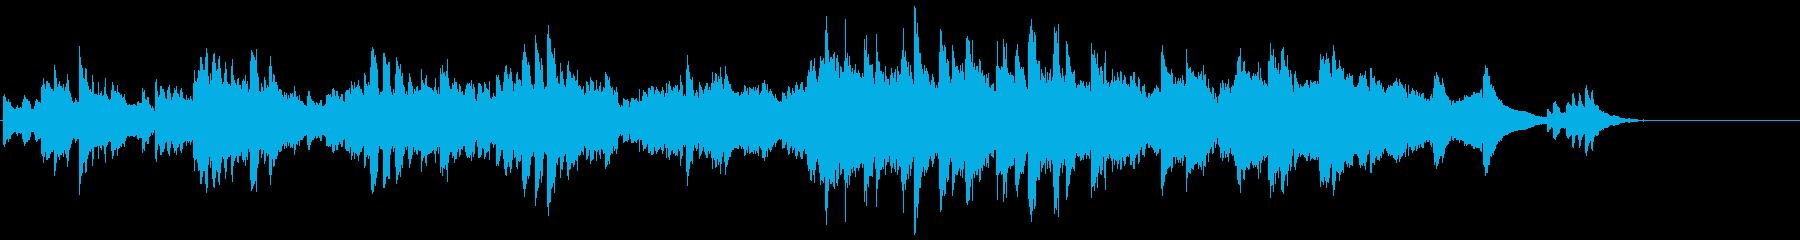 ストリングス・ピアノ・感動・優しいBの再生済みの波形